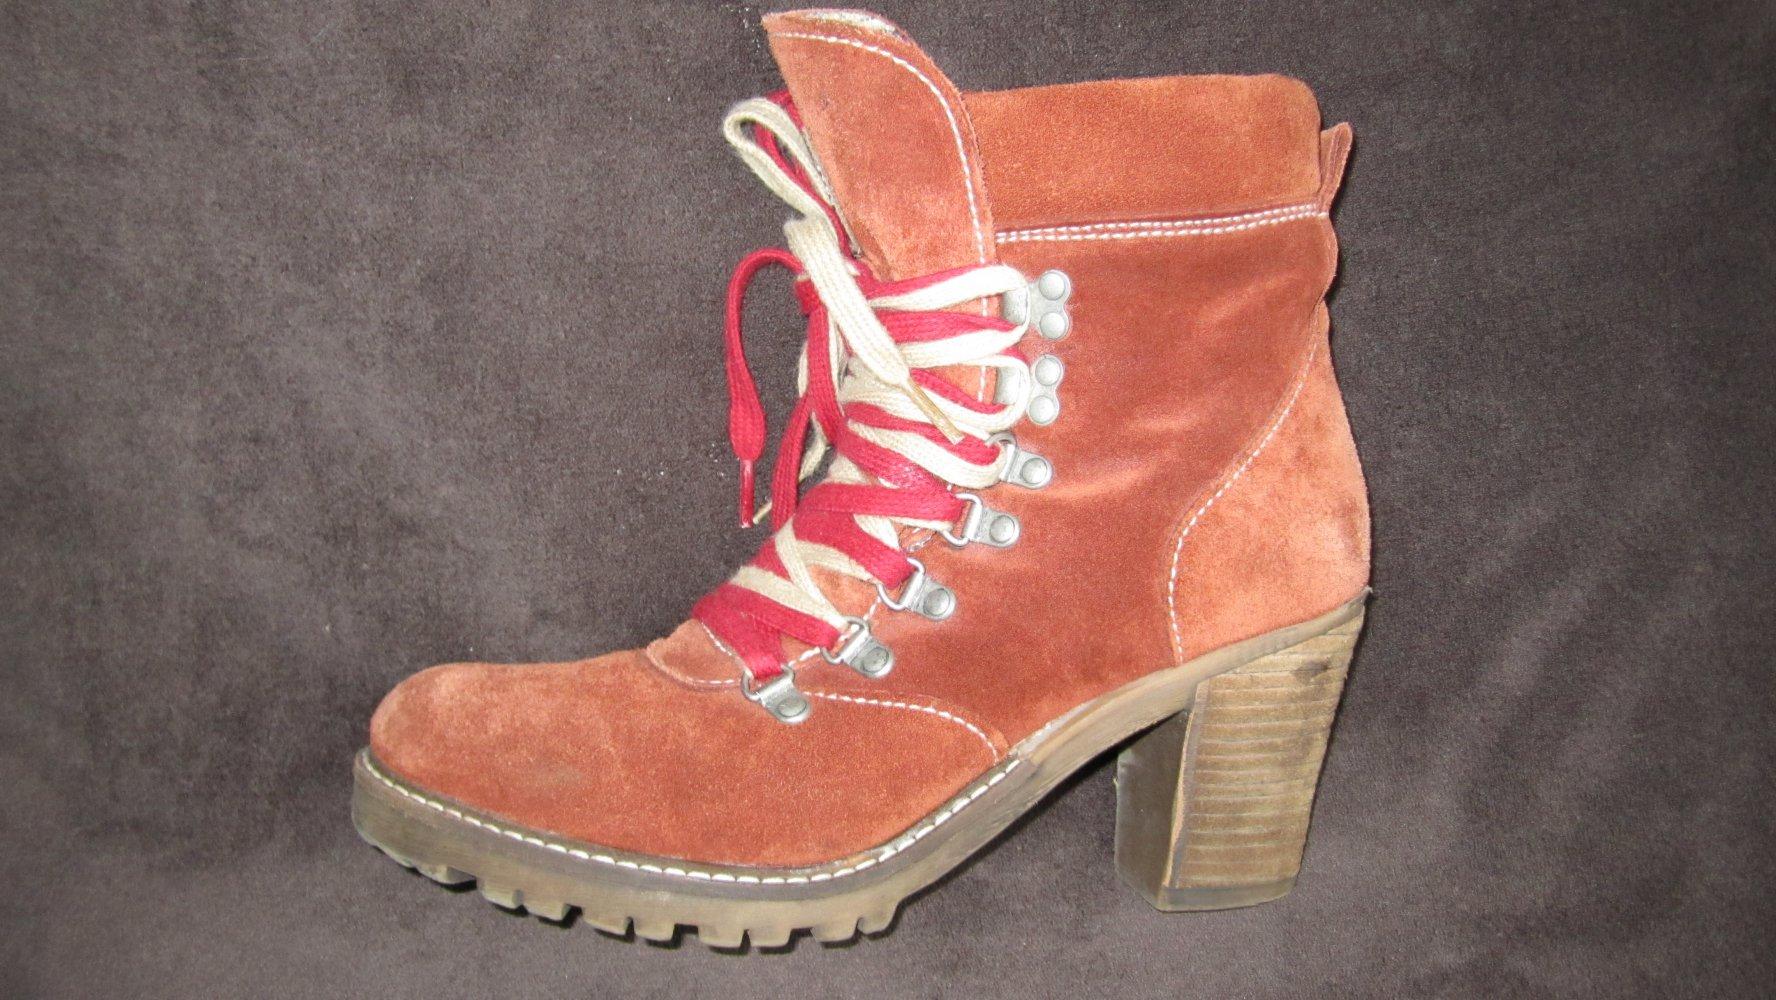 Boots Rost Orange Tamaris Stiefelette Boots Tamaris